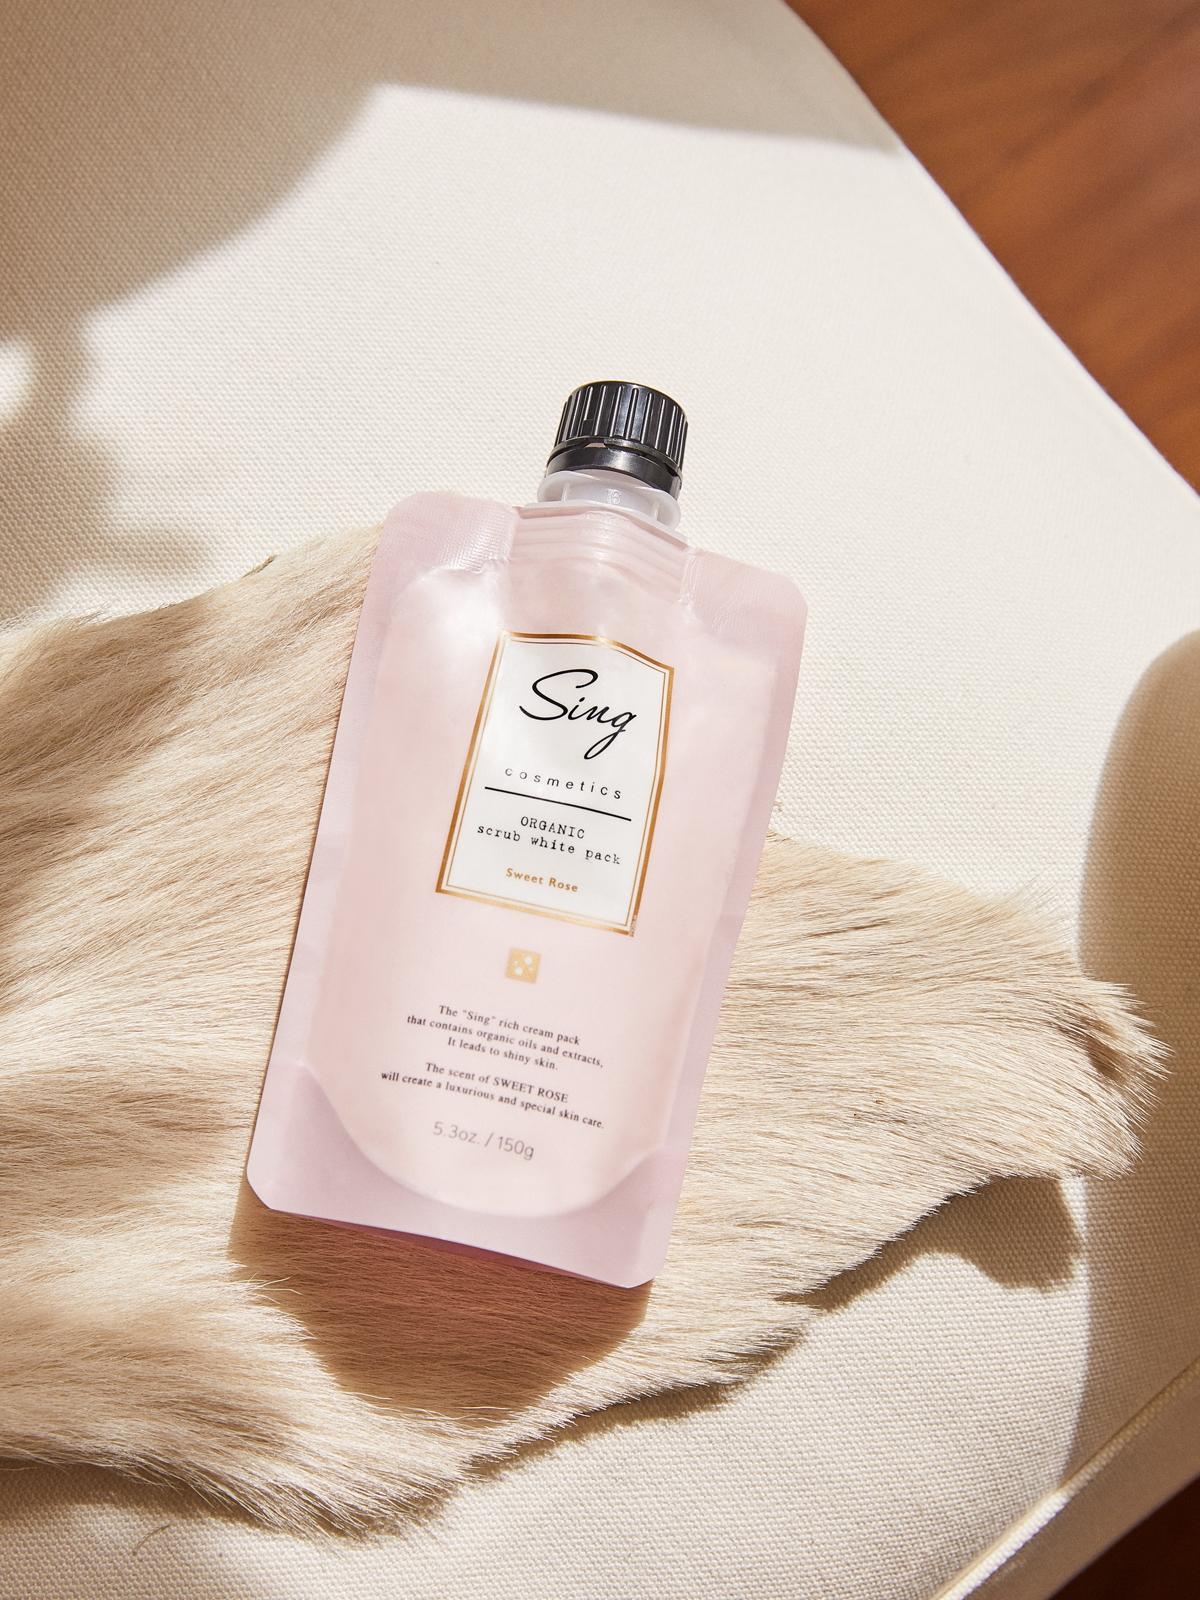 Sing Cosmetics Organic Scrub White Pack Sweet Rose